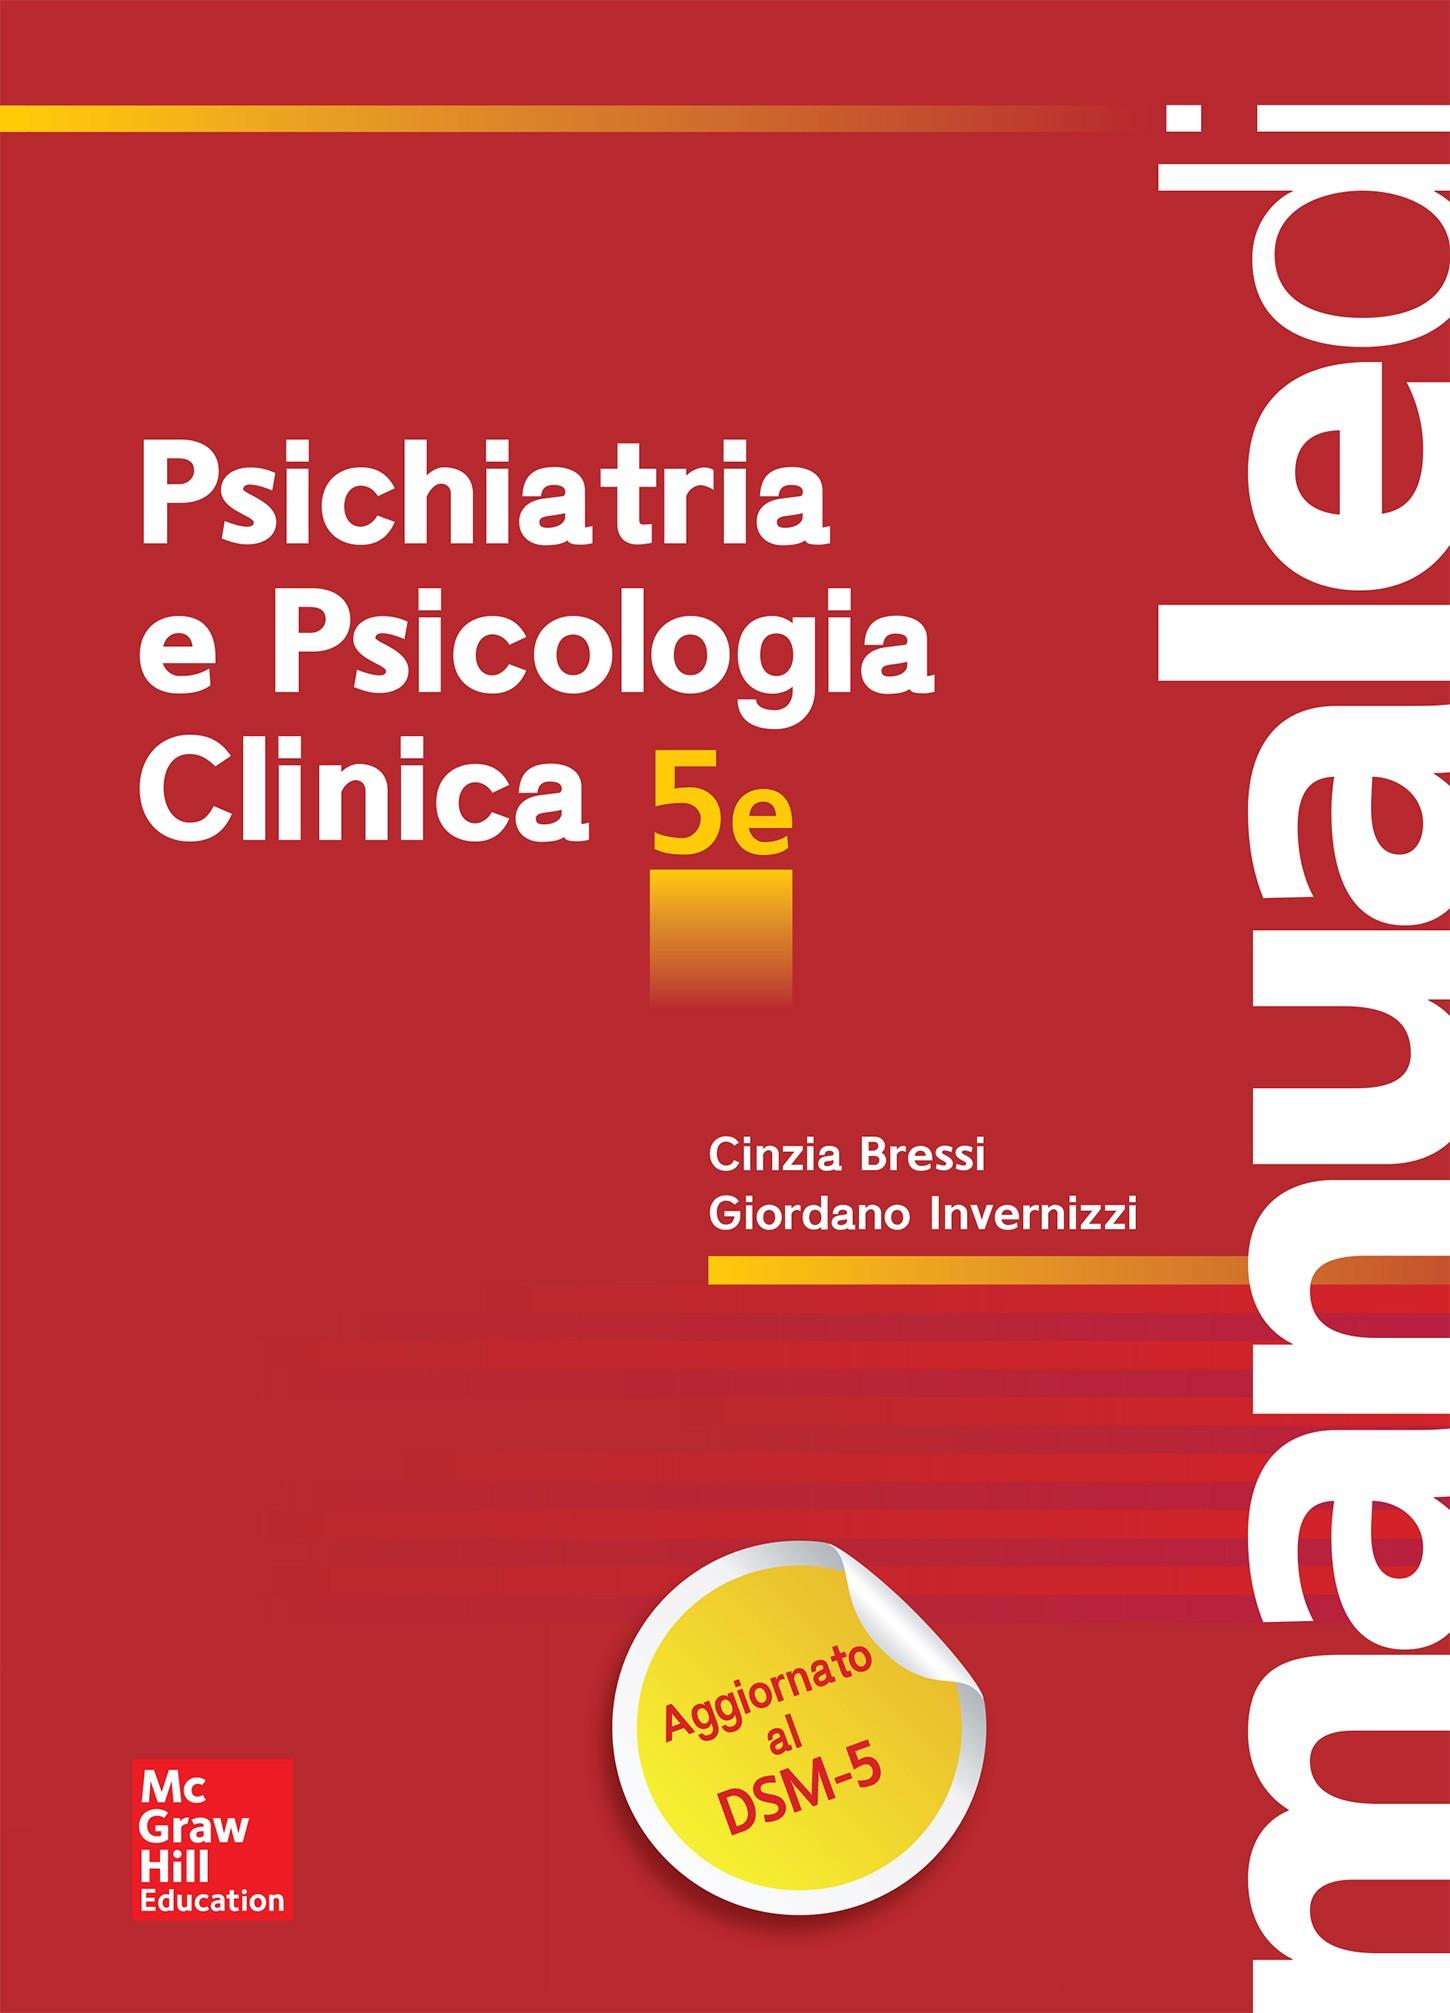 Manuale Di Psichiatria E Psicologia Clinica 5  Ed  Cinzia